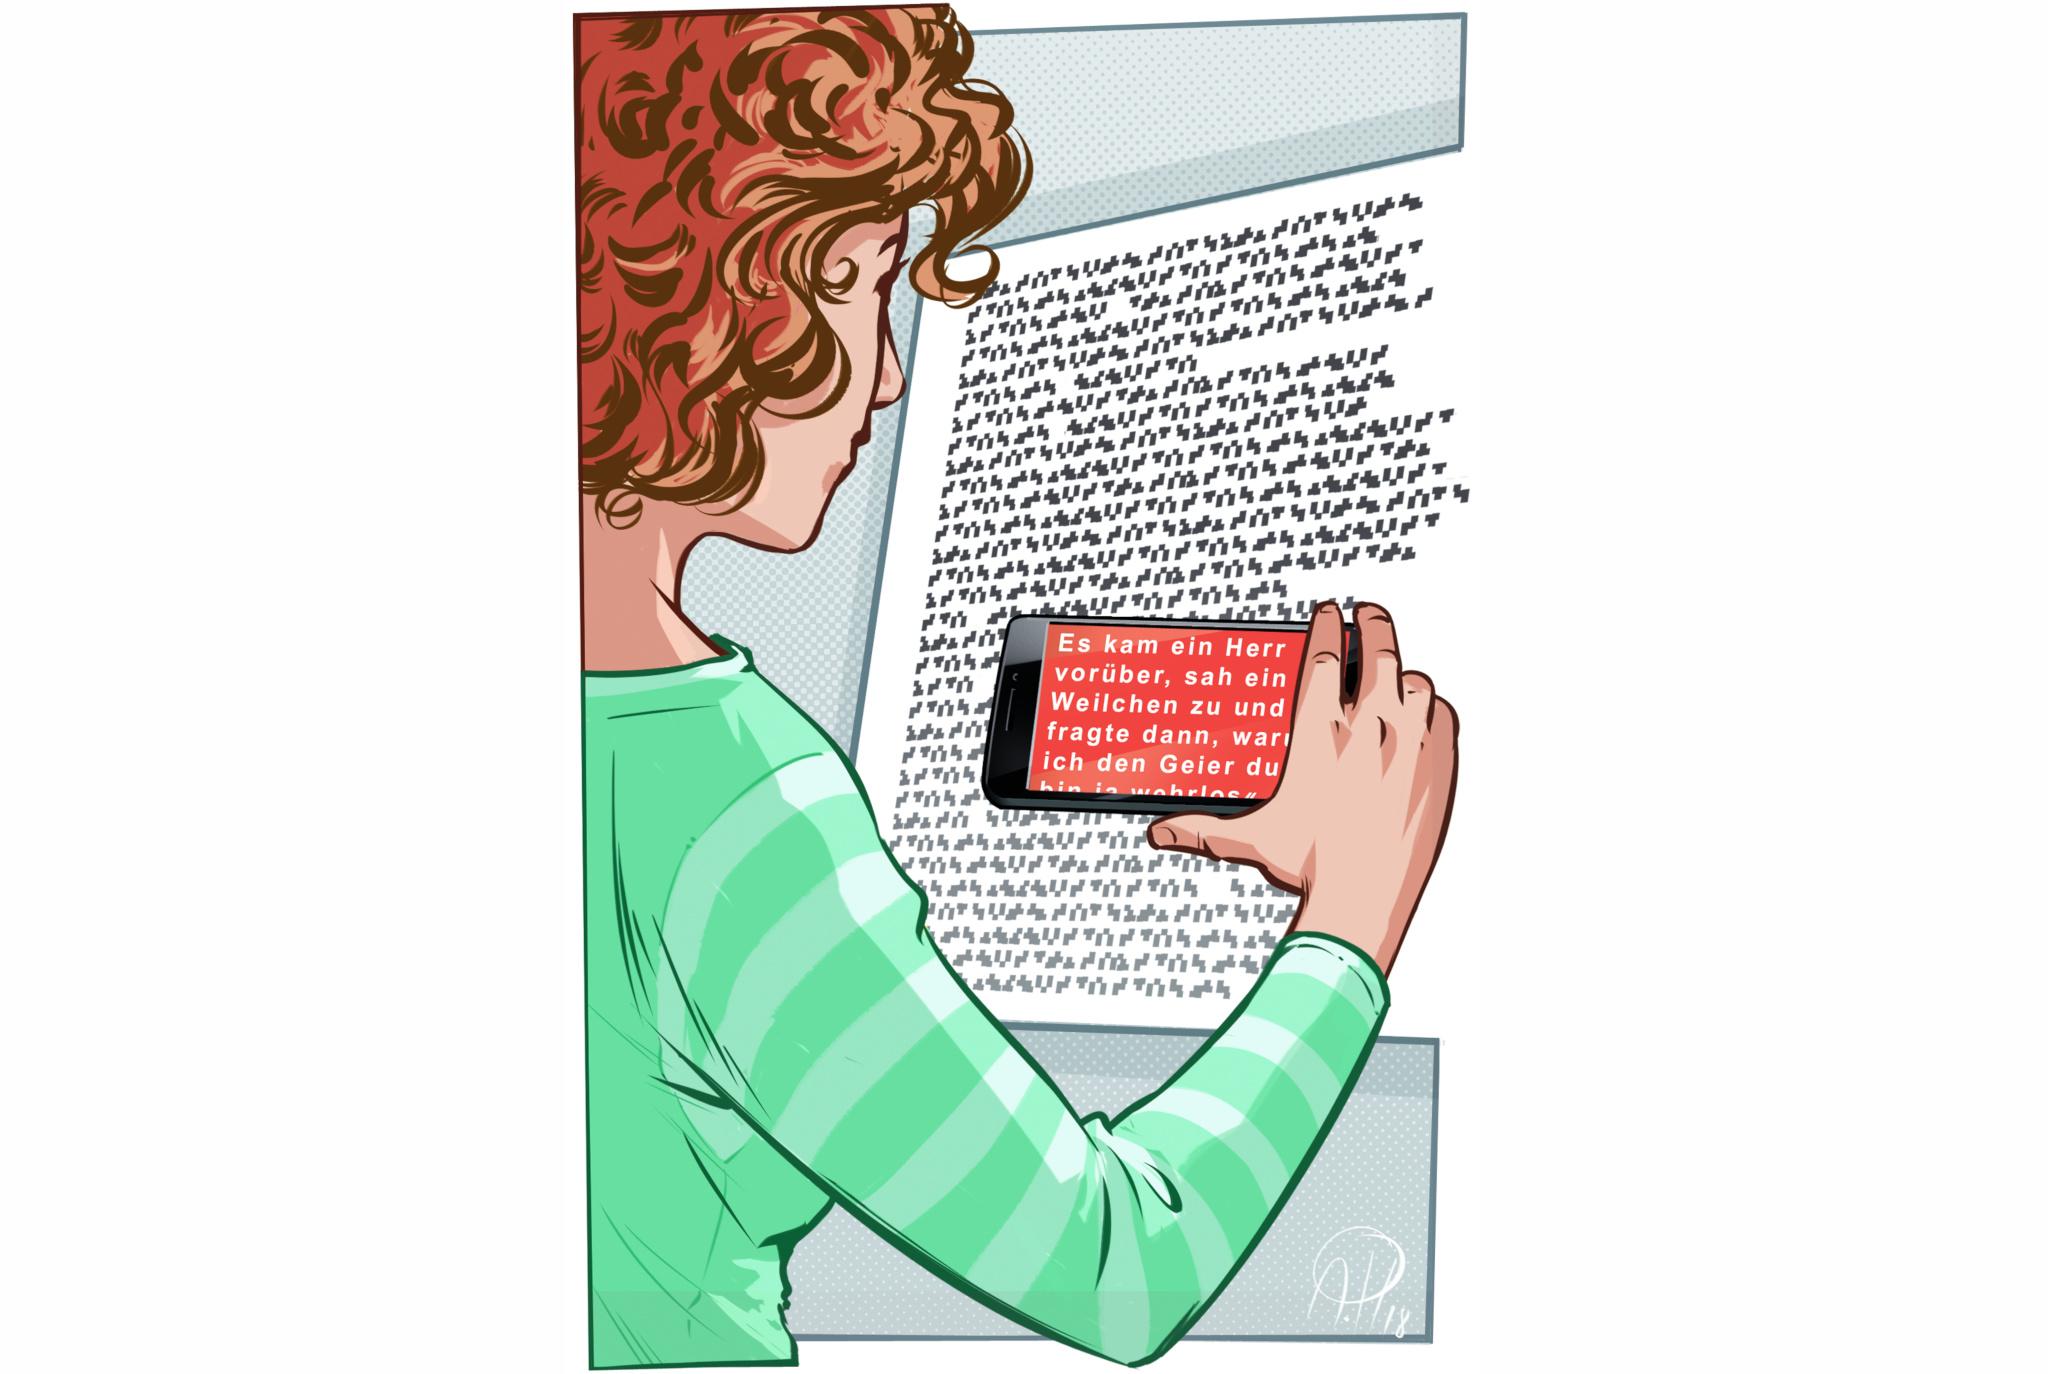 Bild Texterkennung Online